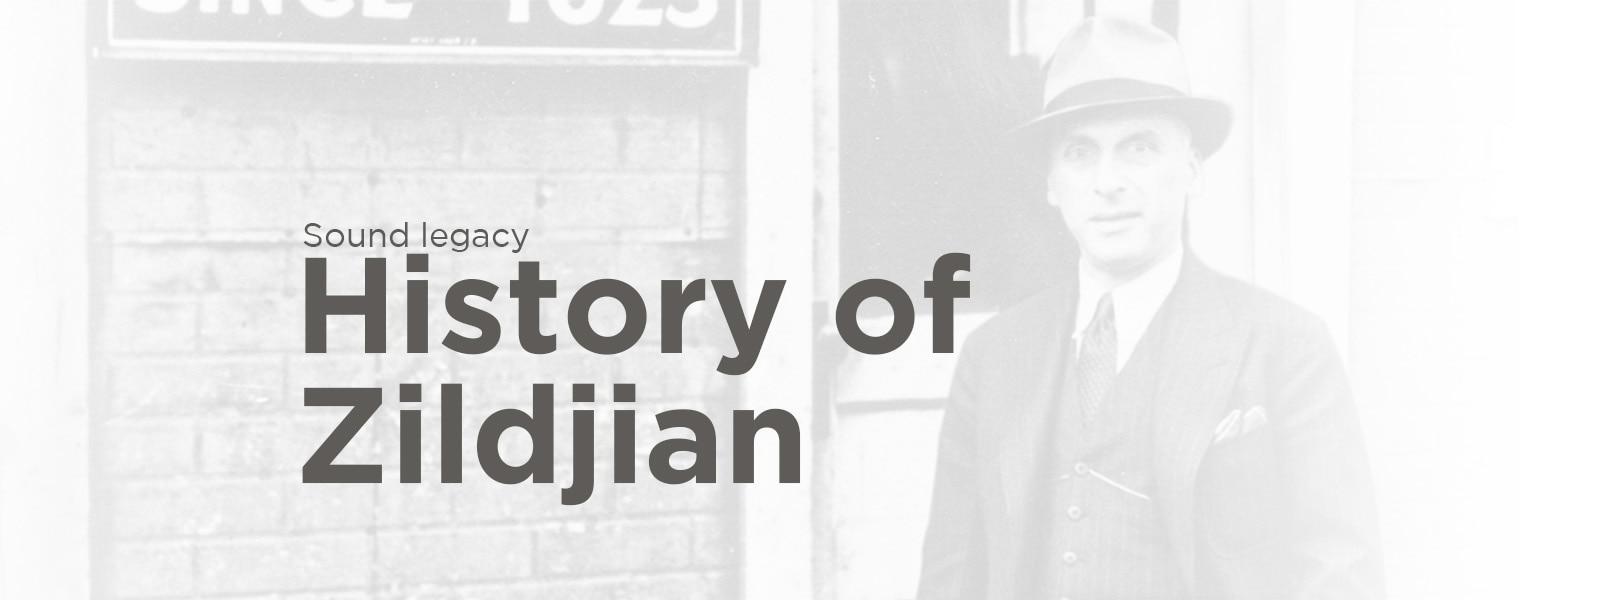 Zildjian History